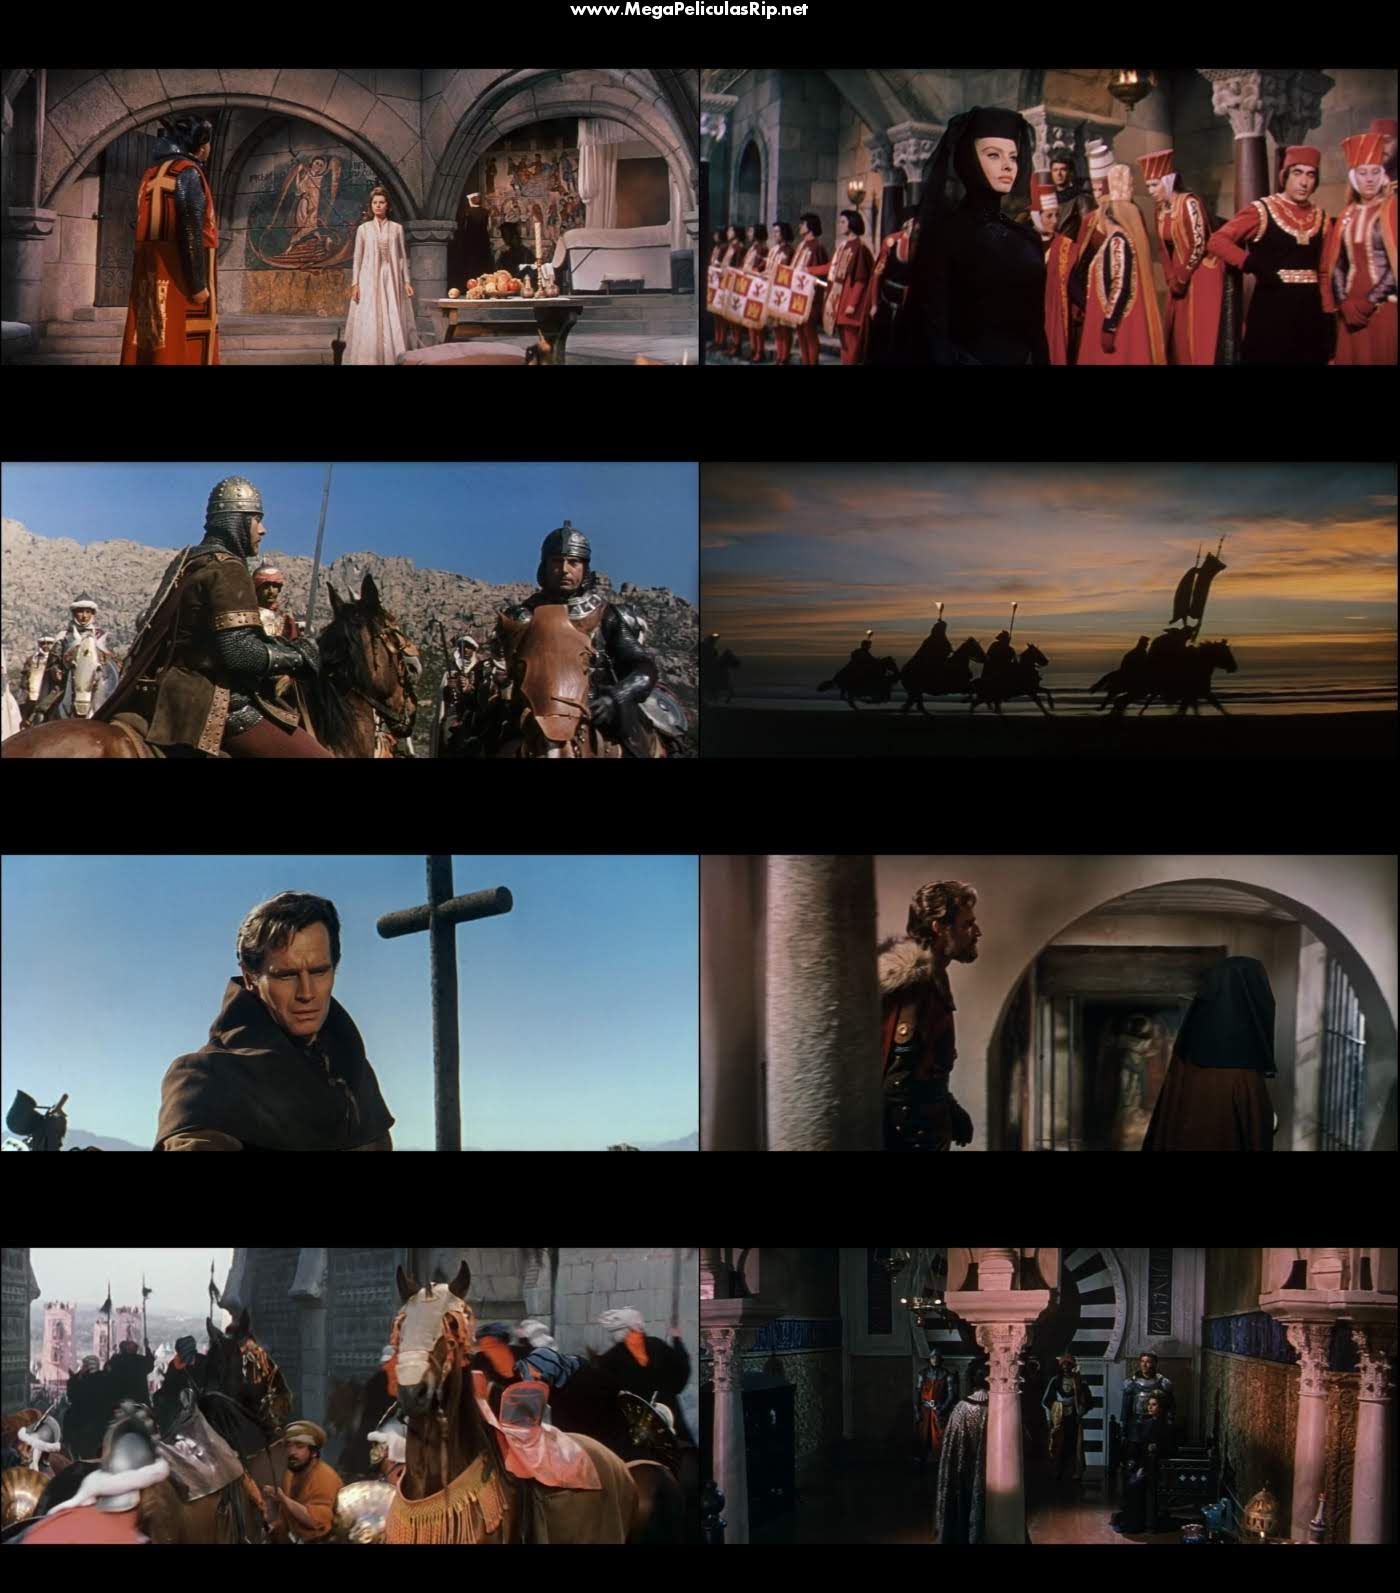 El Cid 1080p